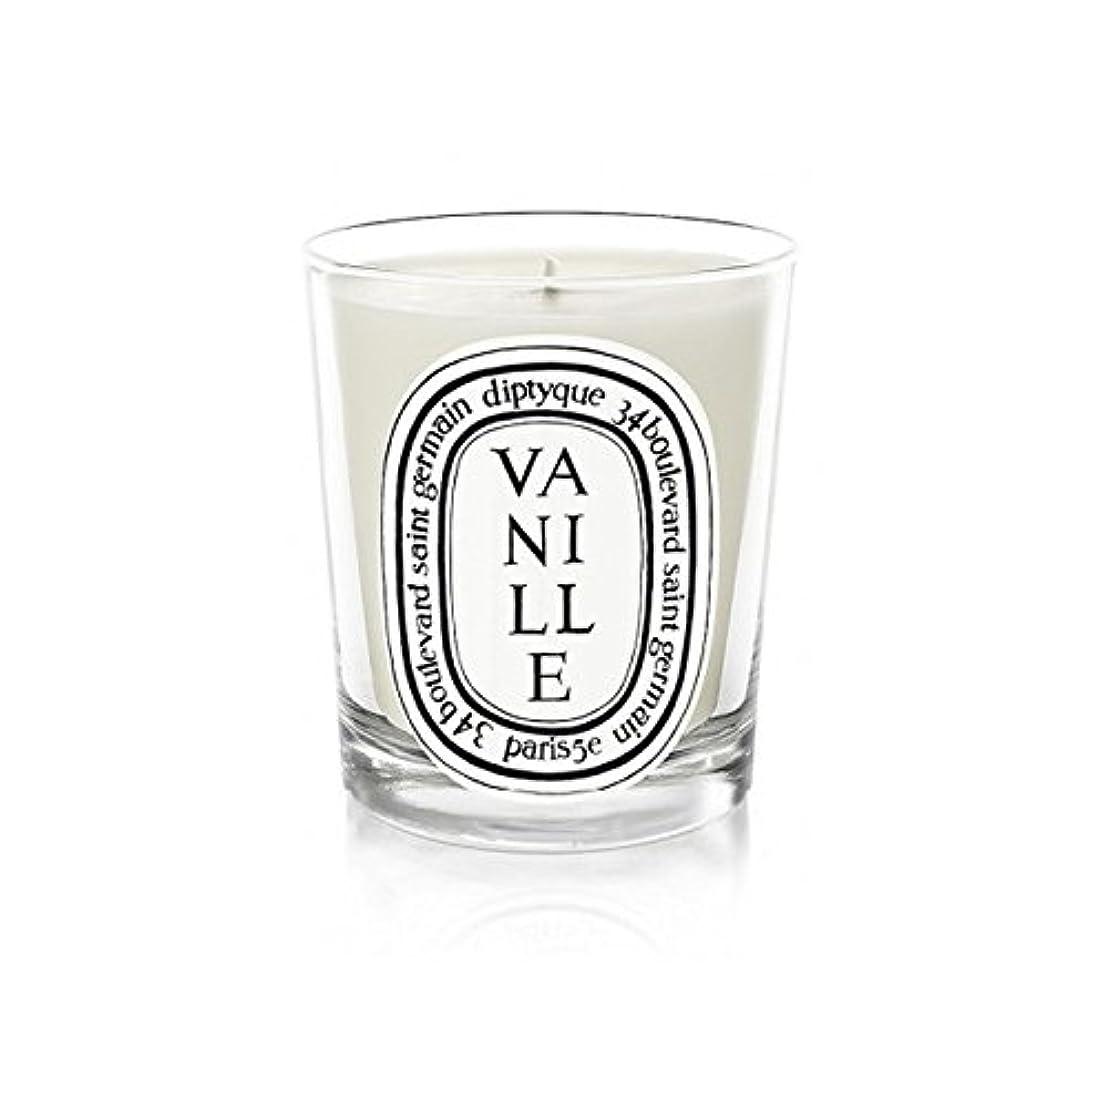 老人希望に満ちたパントリーDiptyqueキャンドルバニラの70グラム - Diptyque Candle Vanille 70g (Diptyque) [並行輸入品]